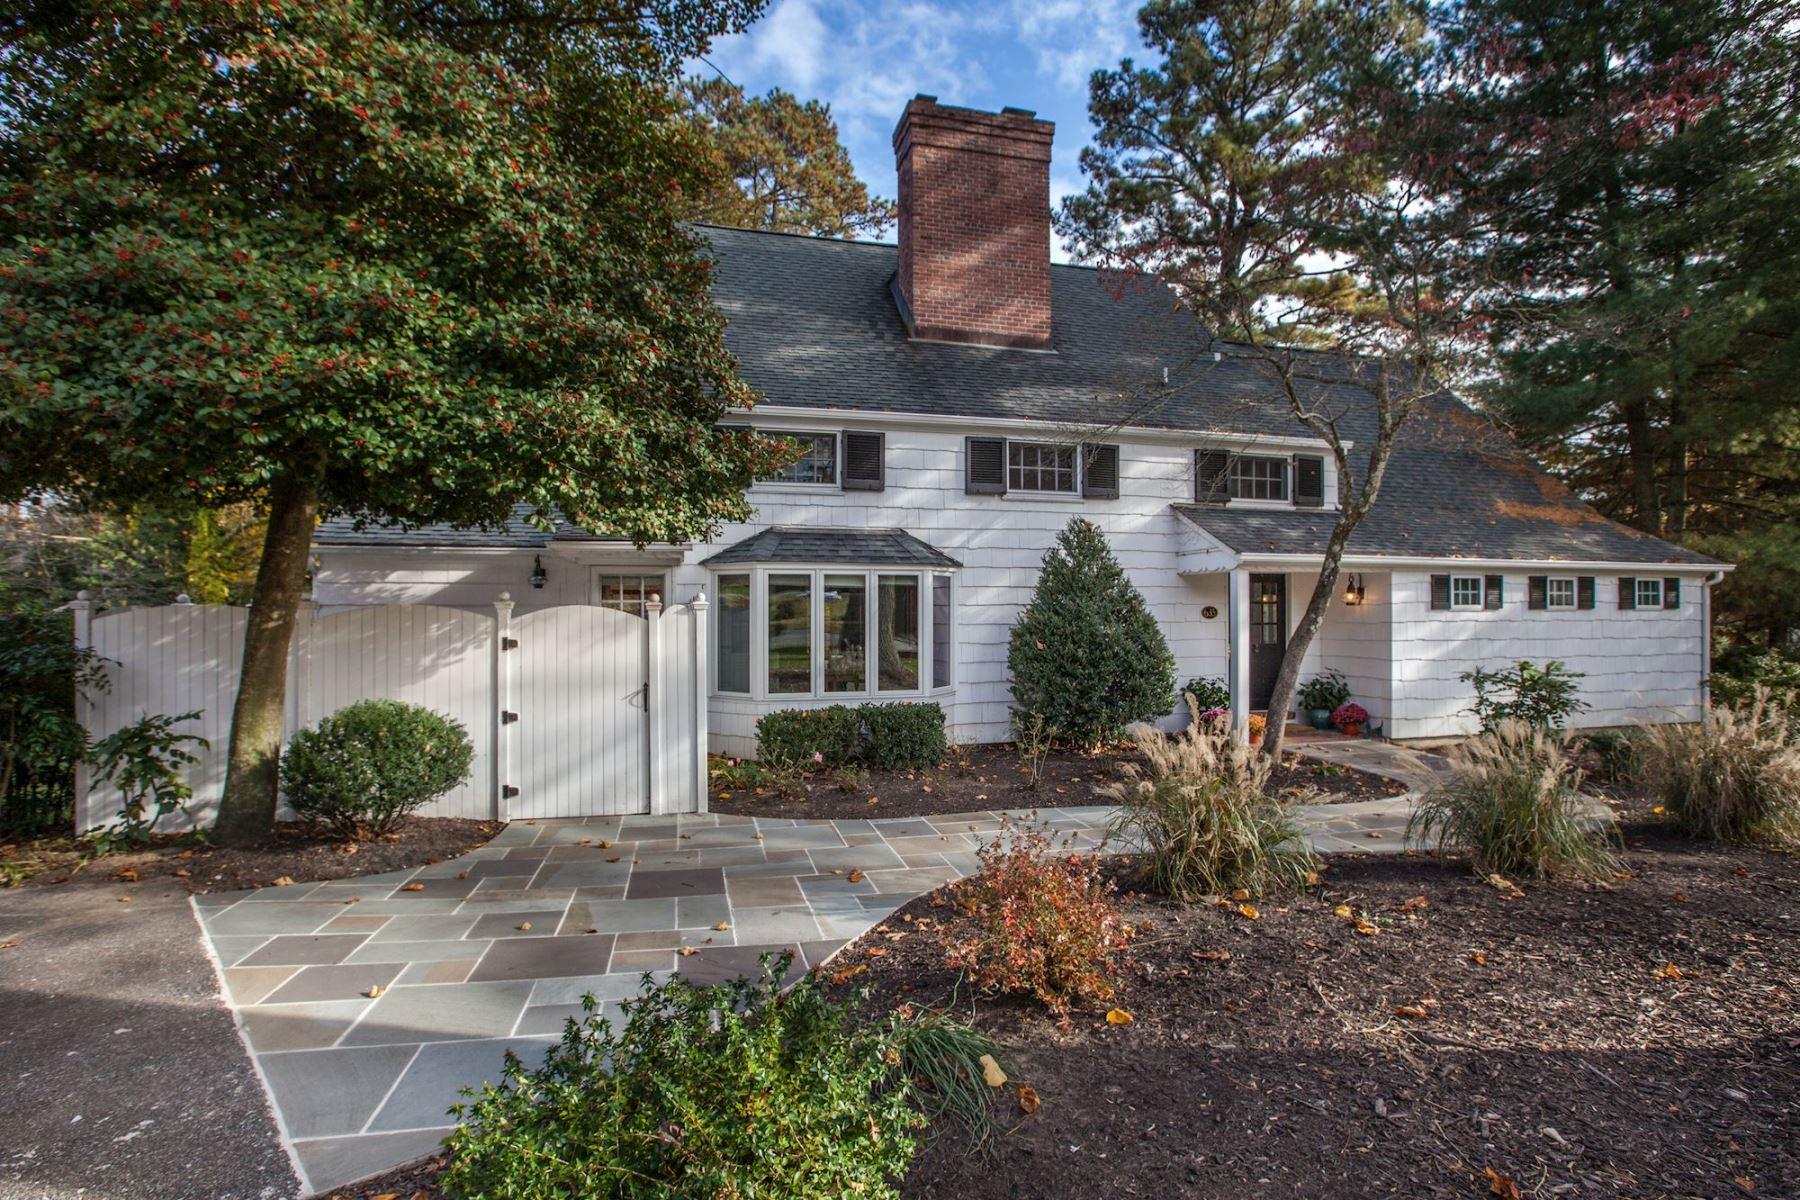 Maison unifamiliale pour l Vente à 635 Broadwater Way, Gibson Island Gibson Island, Maryland 21056 États-Unis